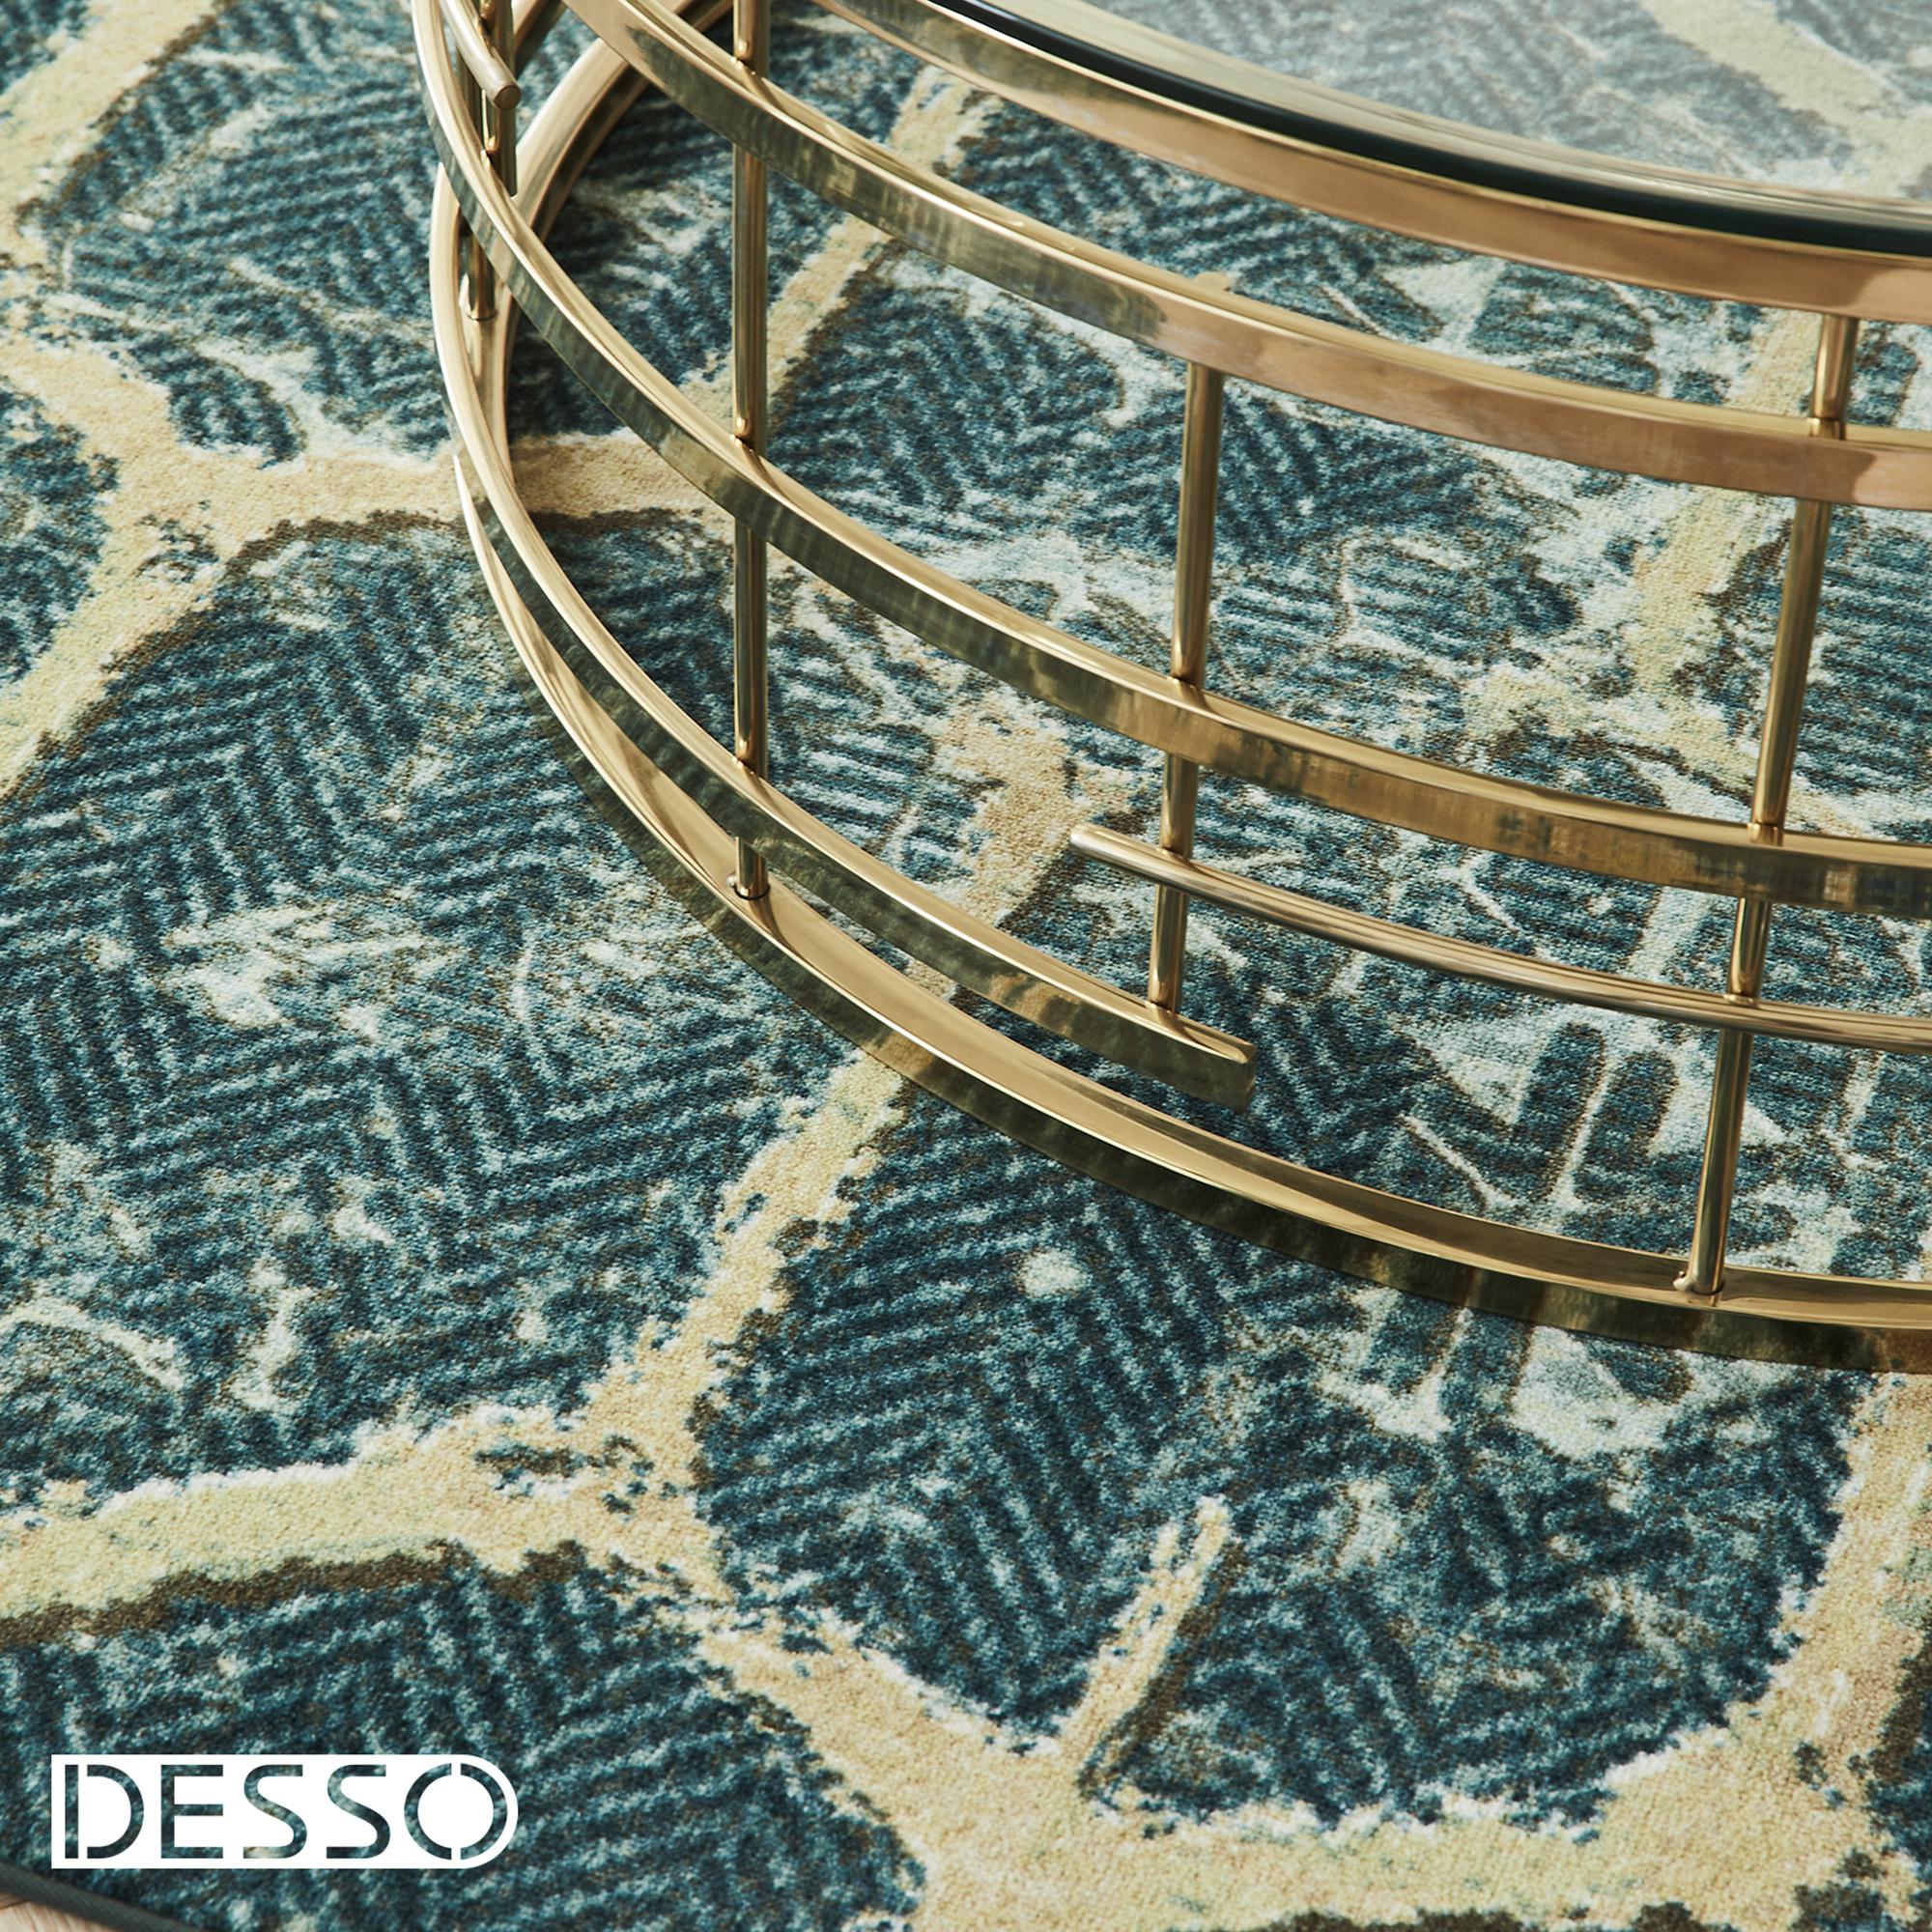 Vloerkleed Desso Art Deco 7844